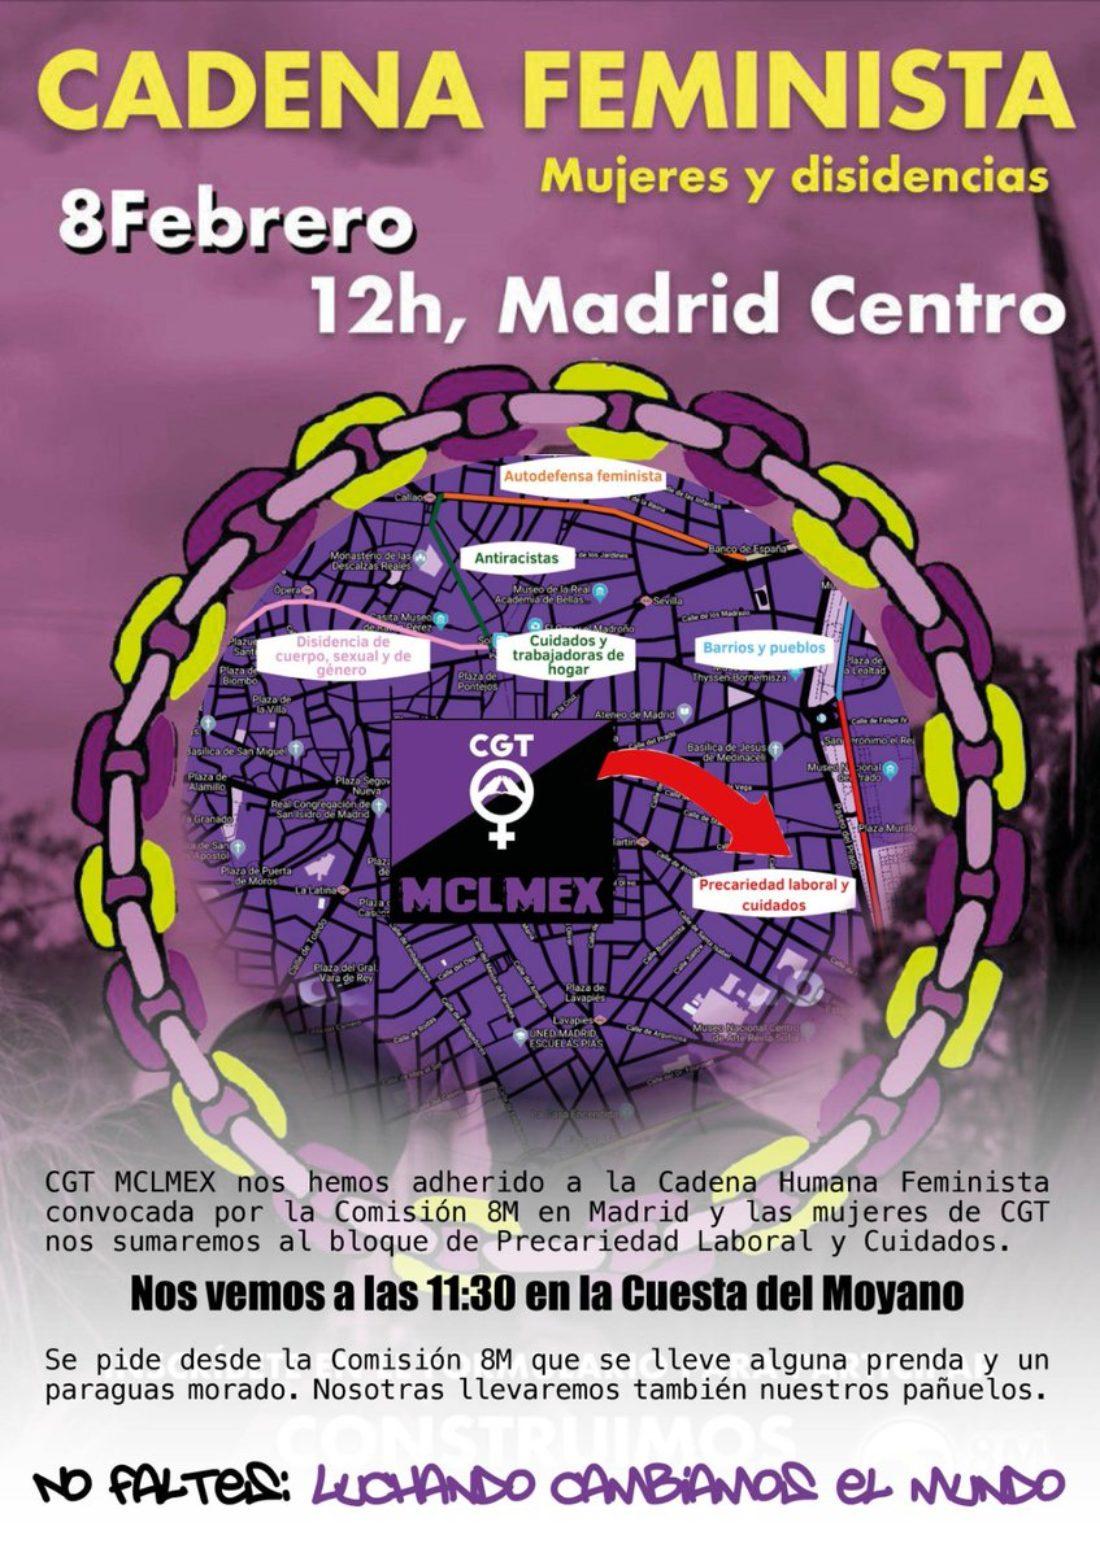 Cadena Feminista 8 Febrero en Madrid